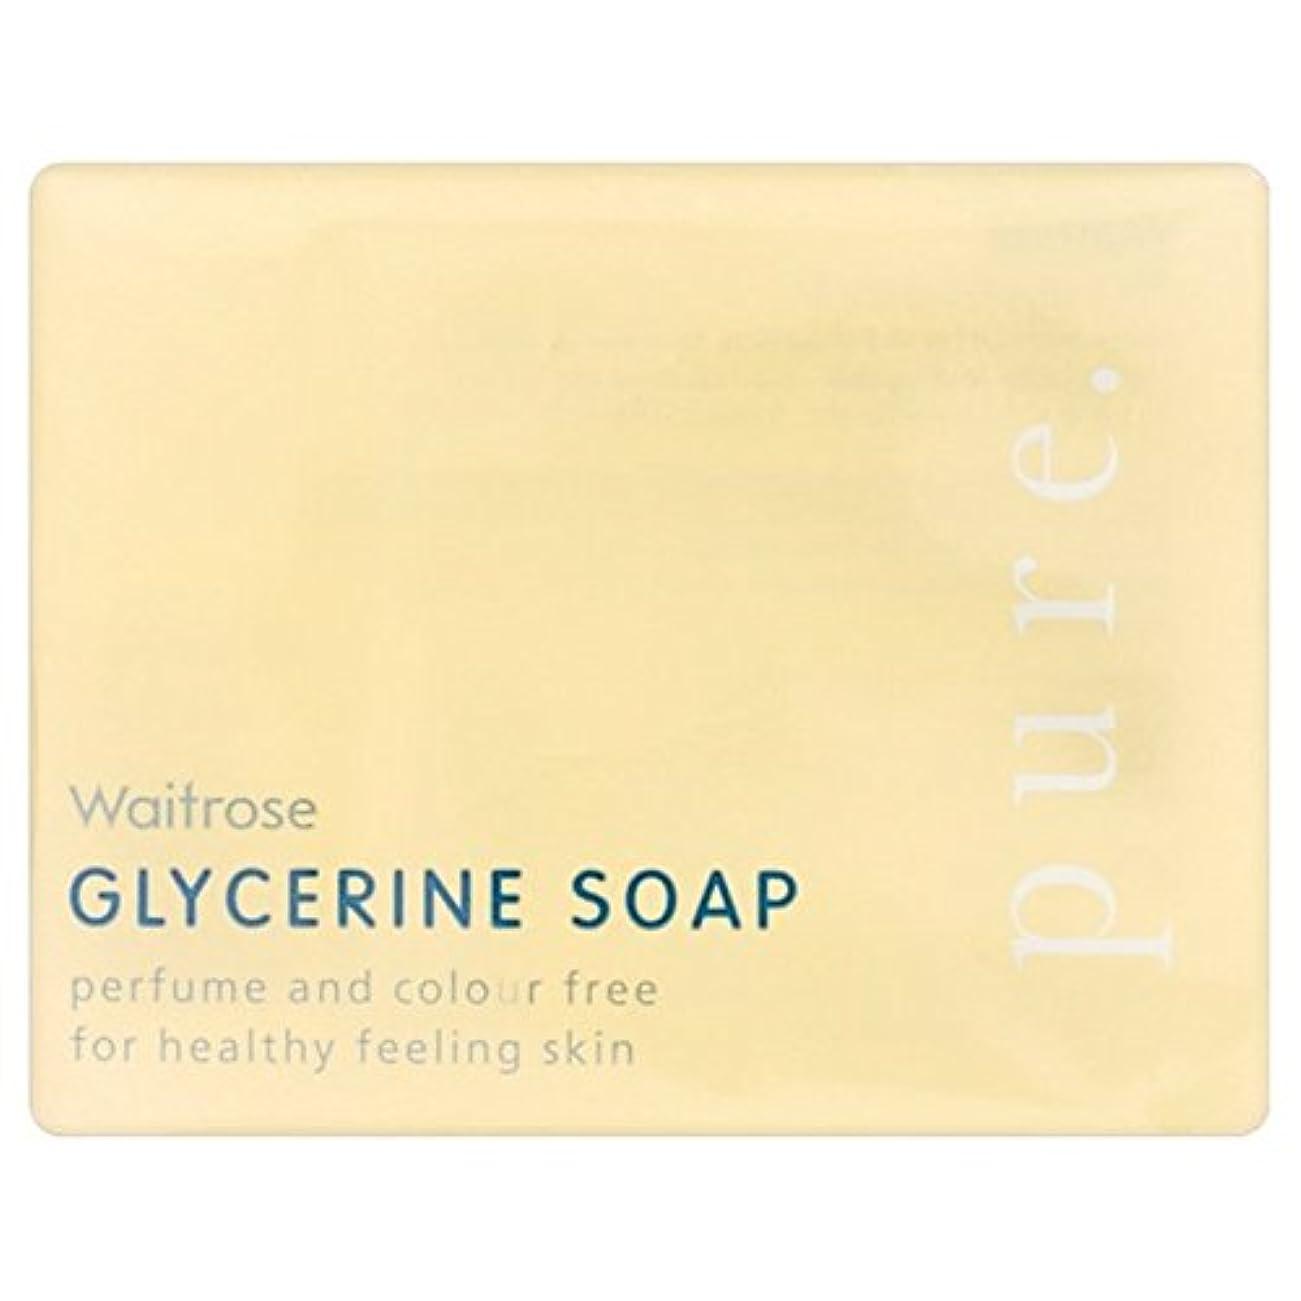 カレンダーコミュニケーション側純粋なグリセリンソープウェイトローズの100グラム x2 - Pure Glycerine Soap Waitrose 100g (Pack of 2) [並行輸入品]